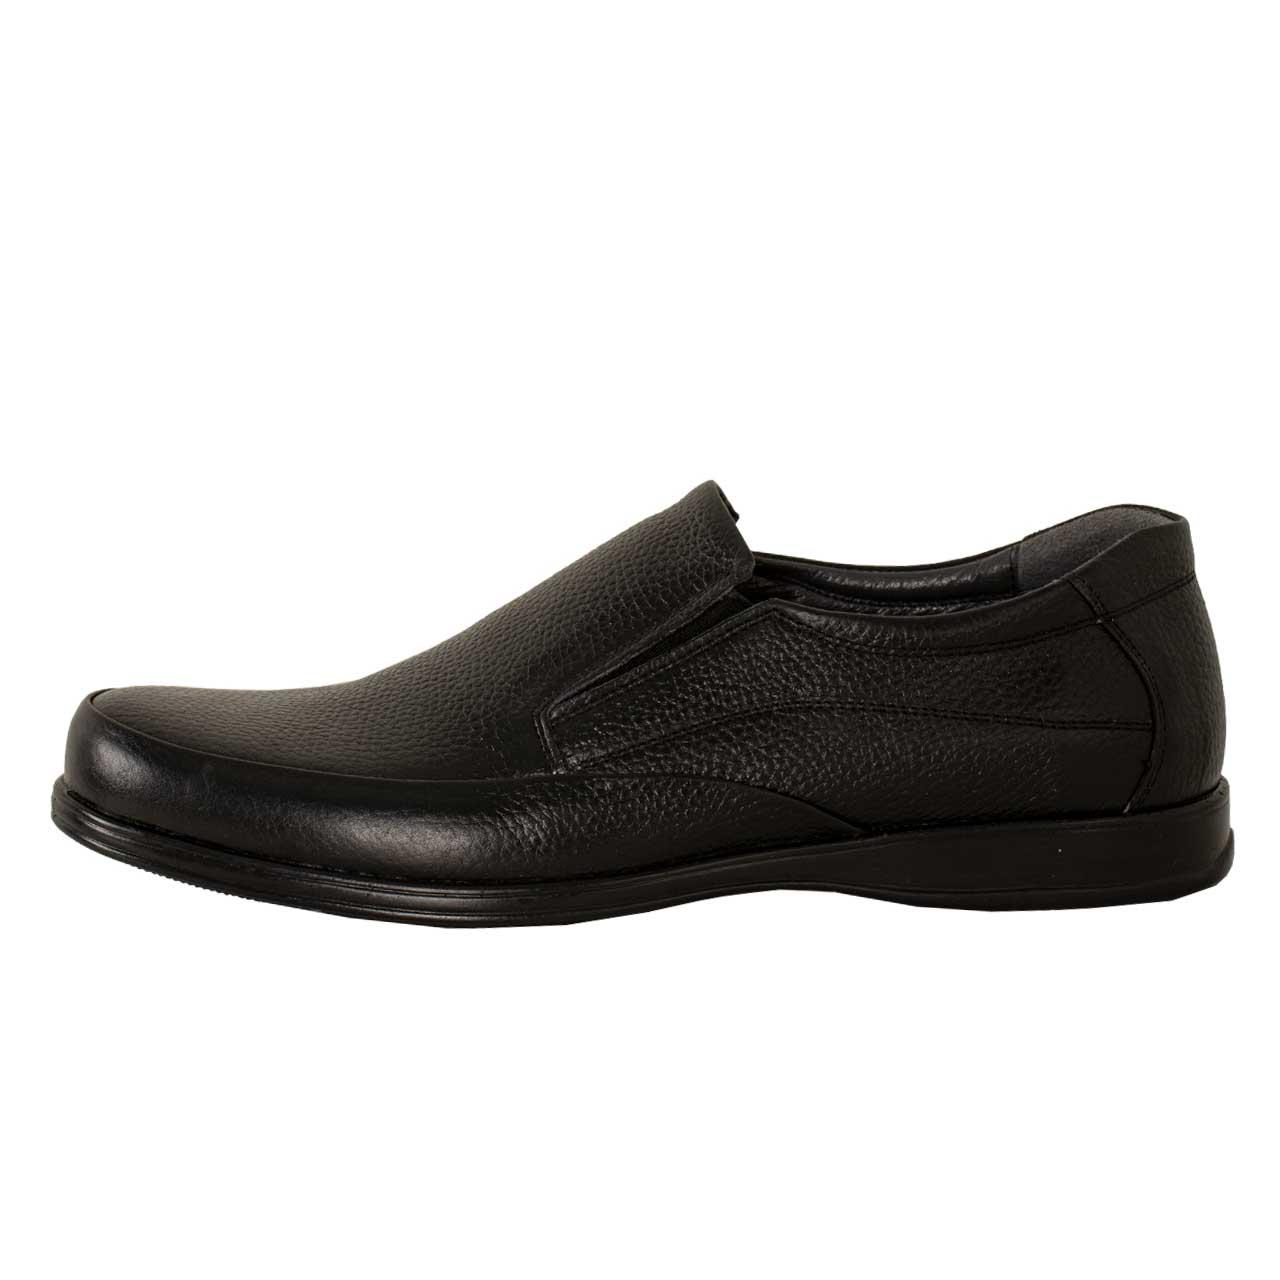 کفش روزمره مردانه پارینه چرم مدل sho241